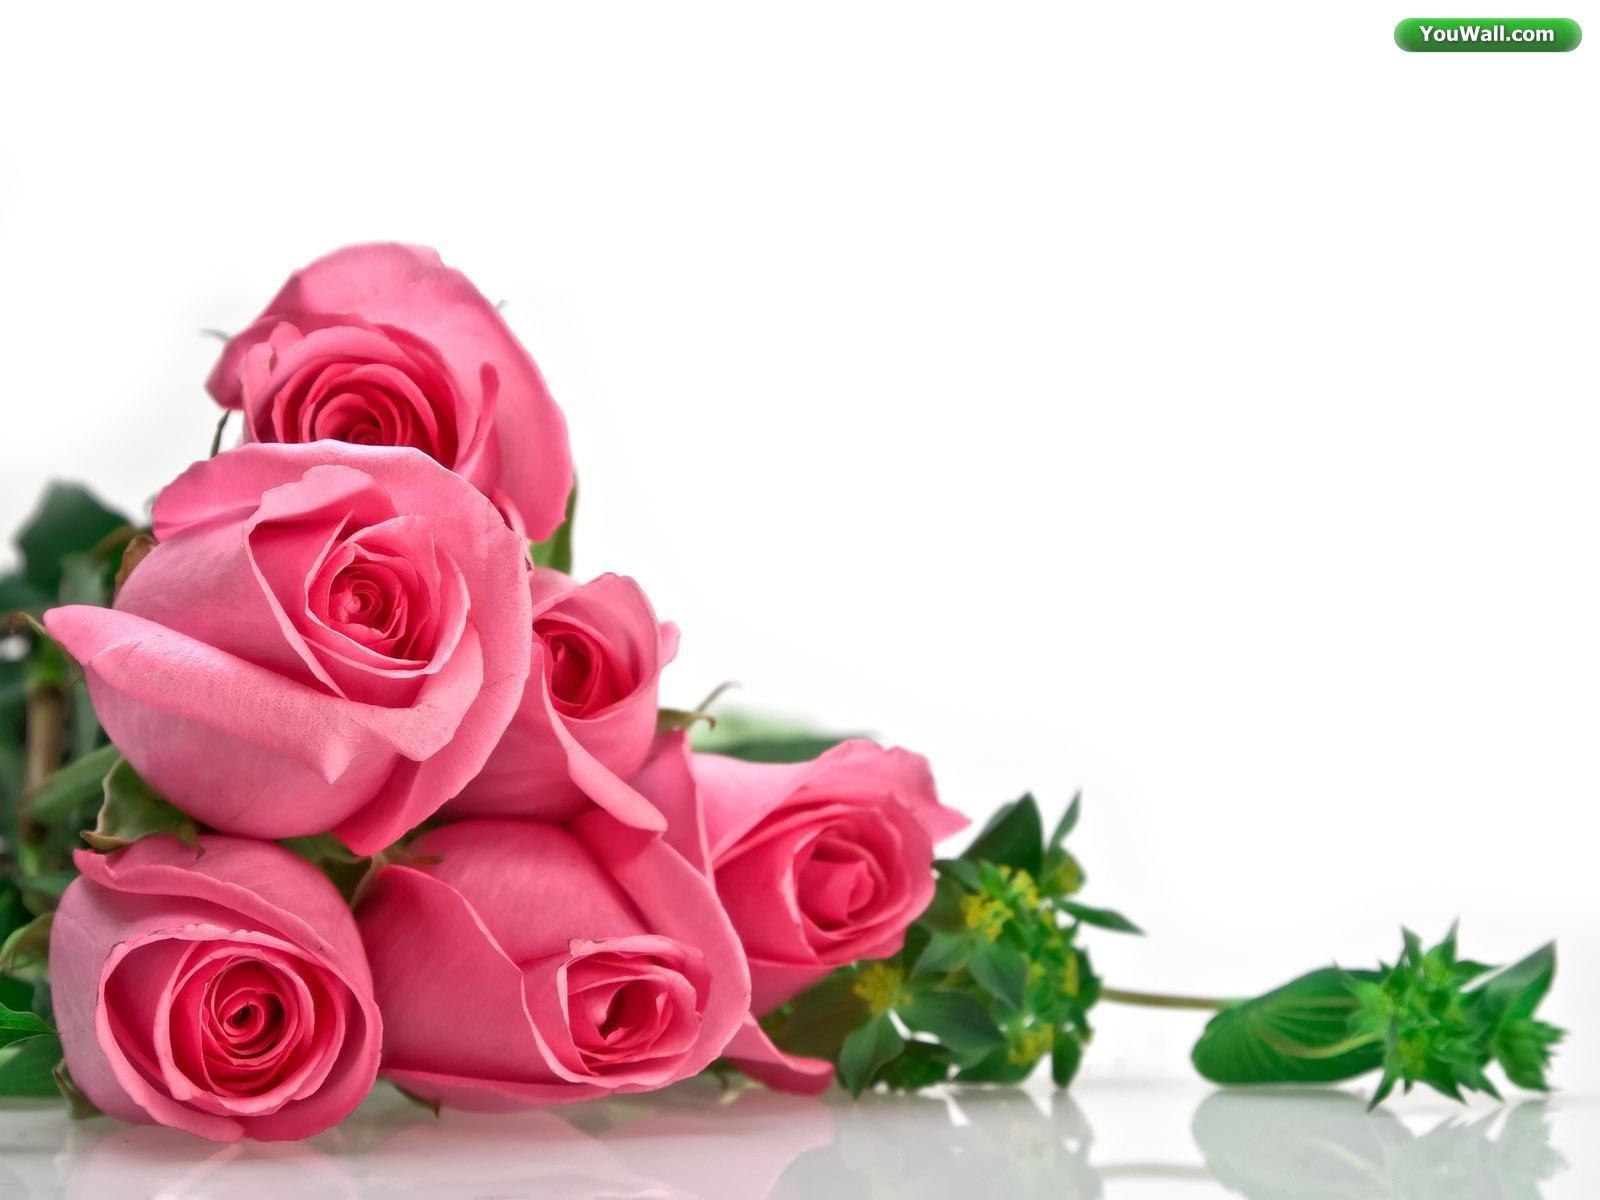 Wedding Flowers Red Rose White Rose Wallpaper For Desktop Backgrounds